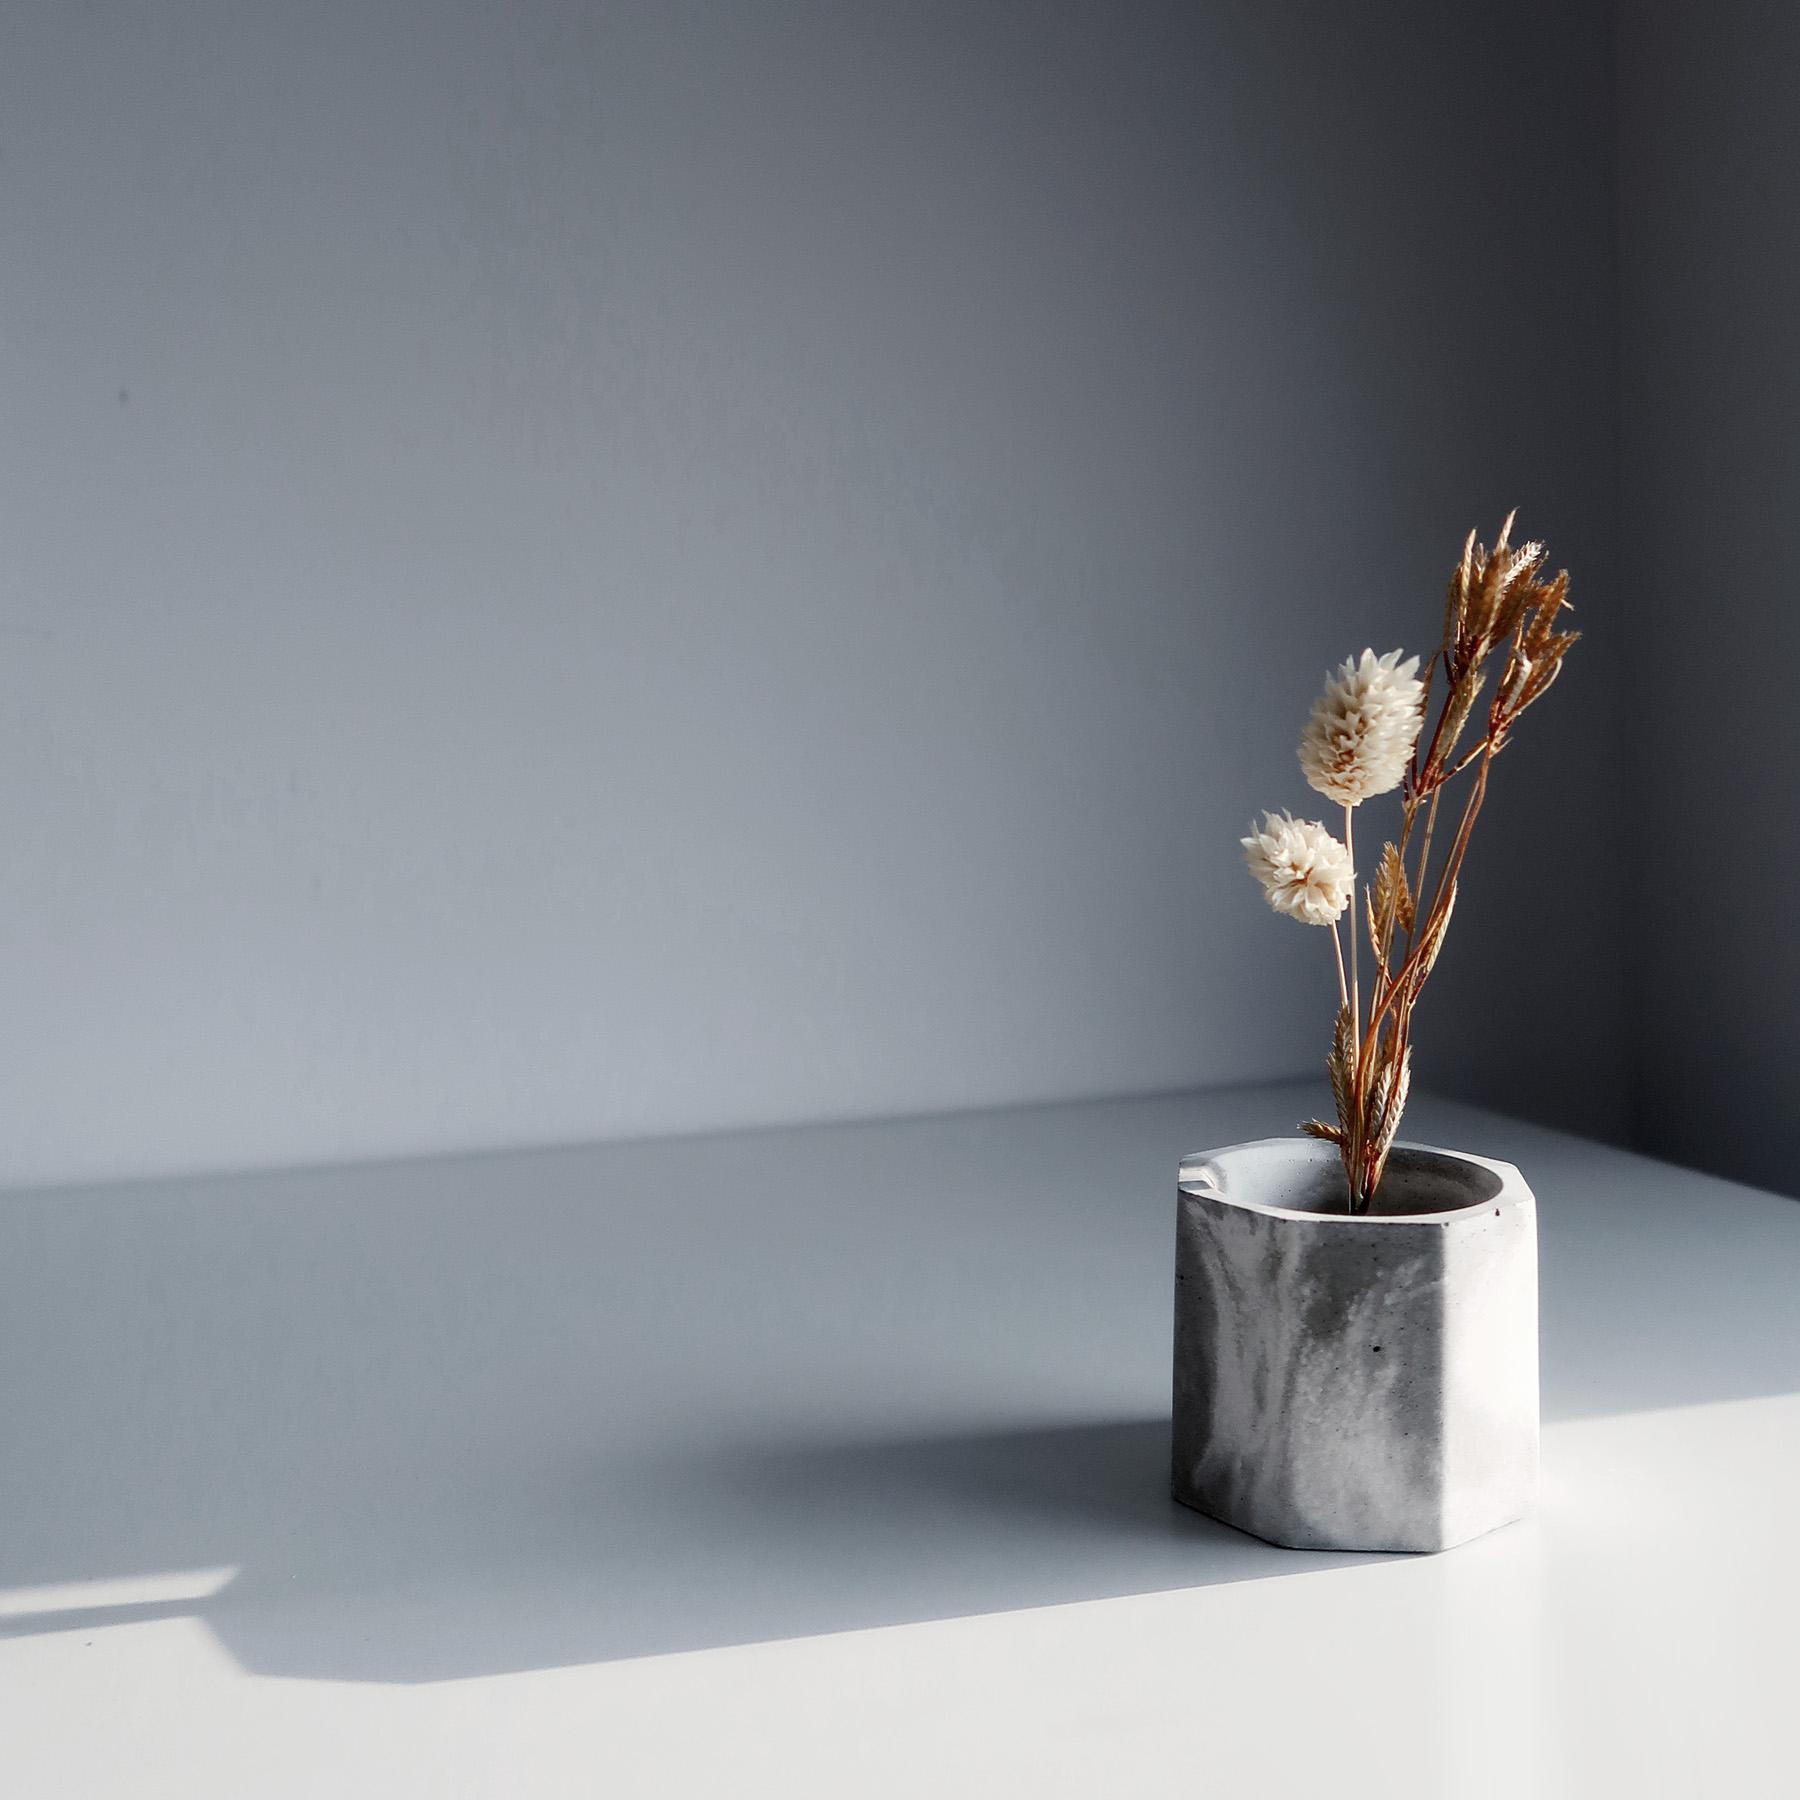 CARRARA 卡拉拉大理石紋水泥黃銅花器・花插・擺飾